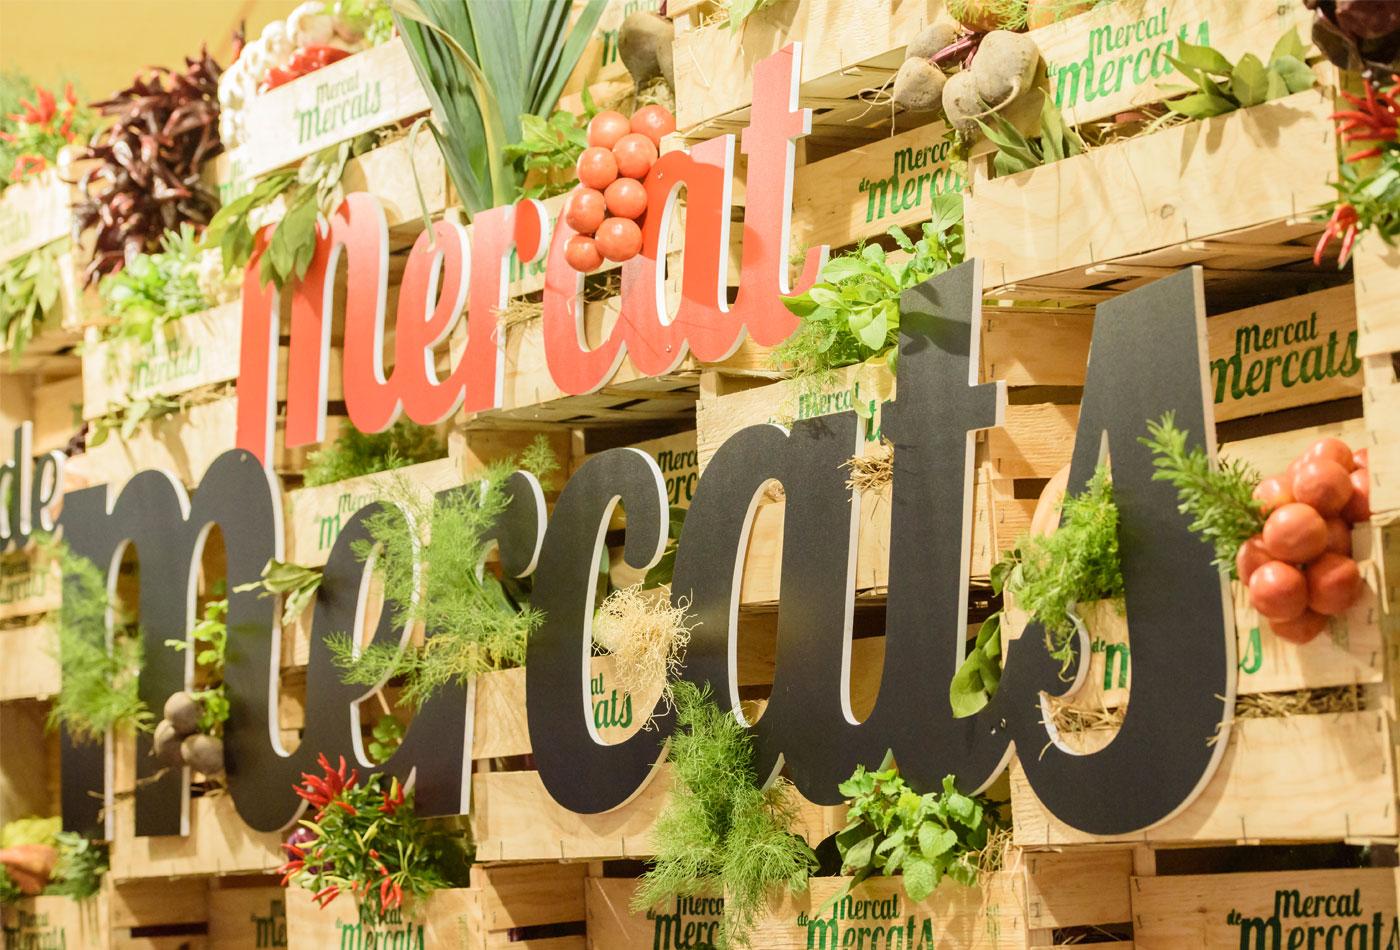 institut-de-mercat-disseny-espai-mercat-de-mercats-catedral-barcelona